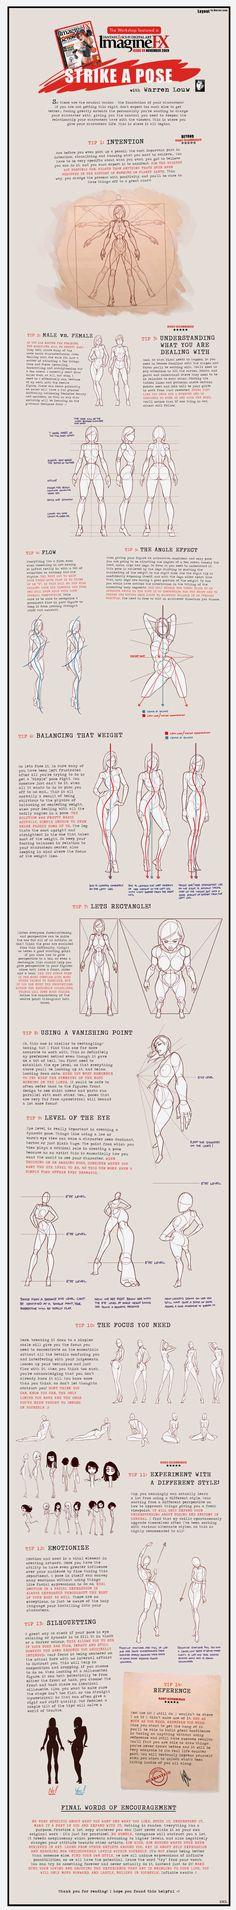 Warren Louw | Основы рисования человека